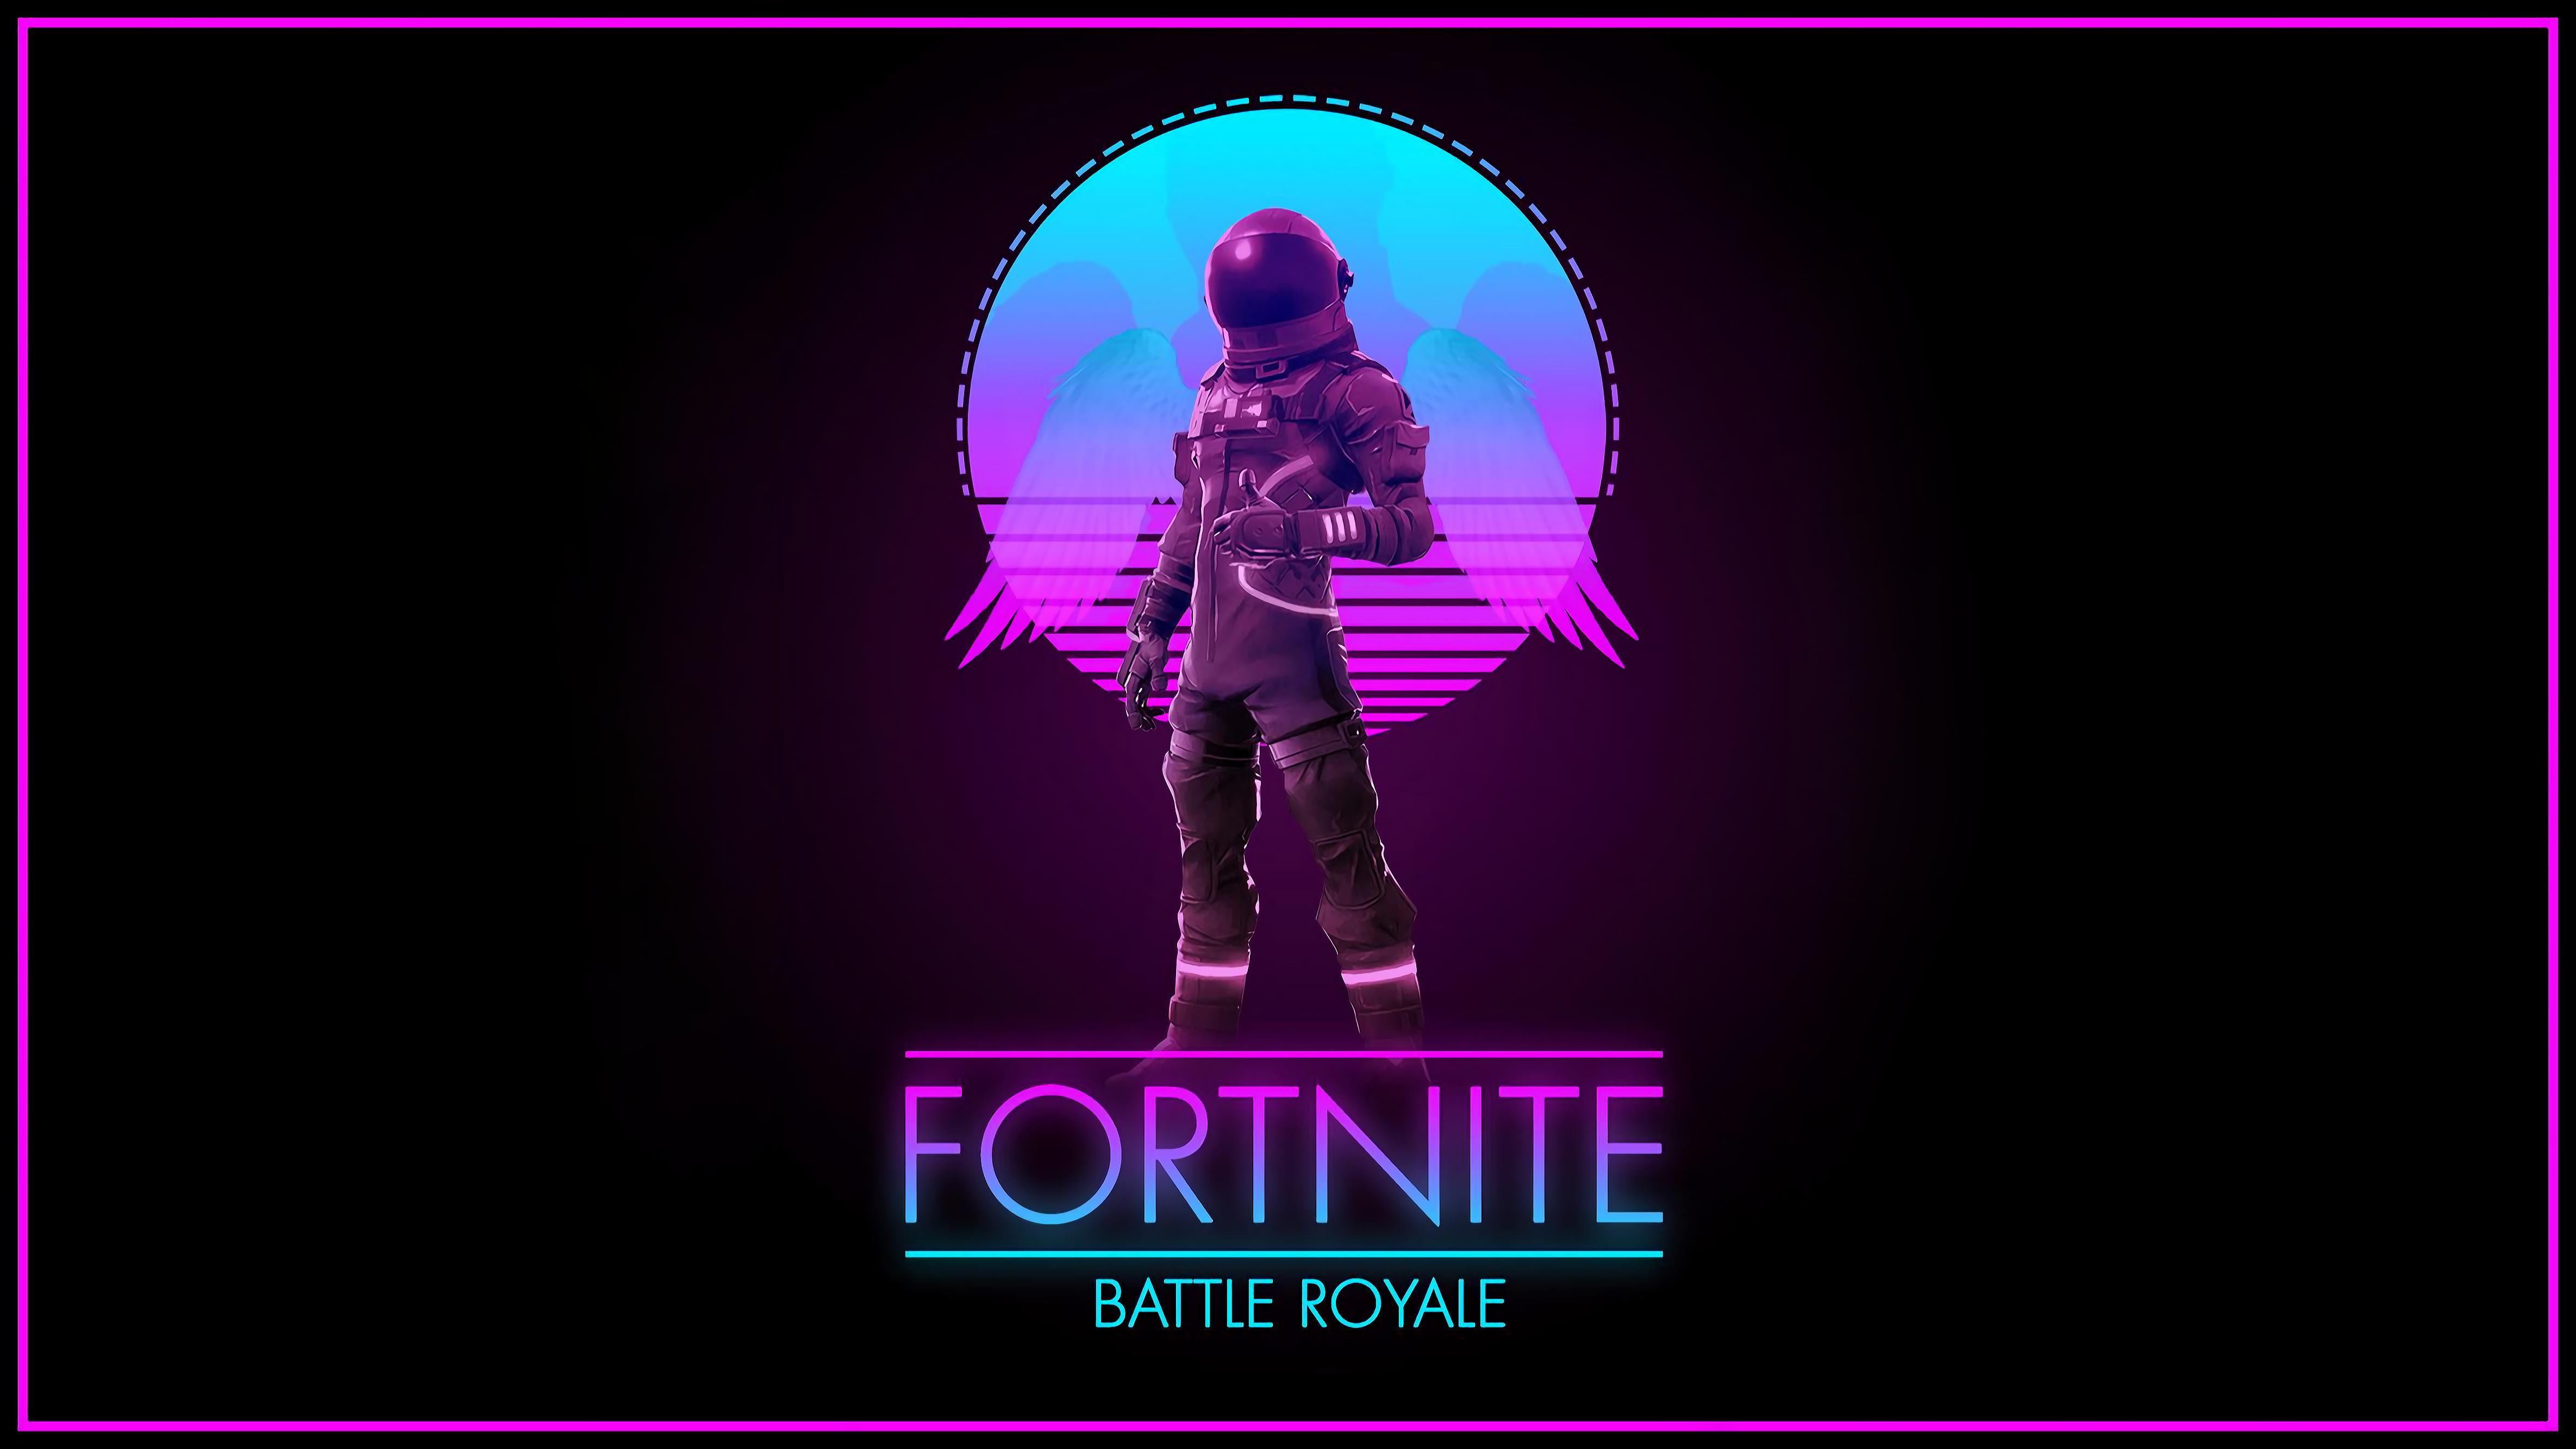 Fortnite - Synthwave Royale (Dodonozore34) [4740x2666]